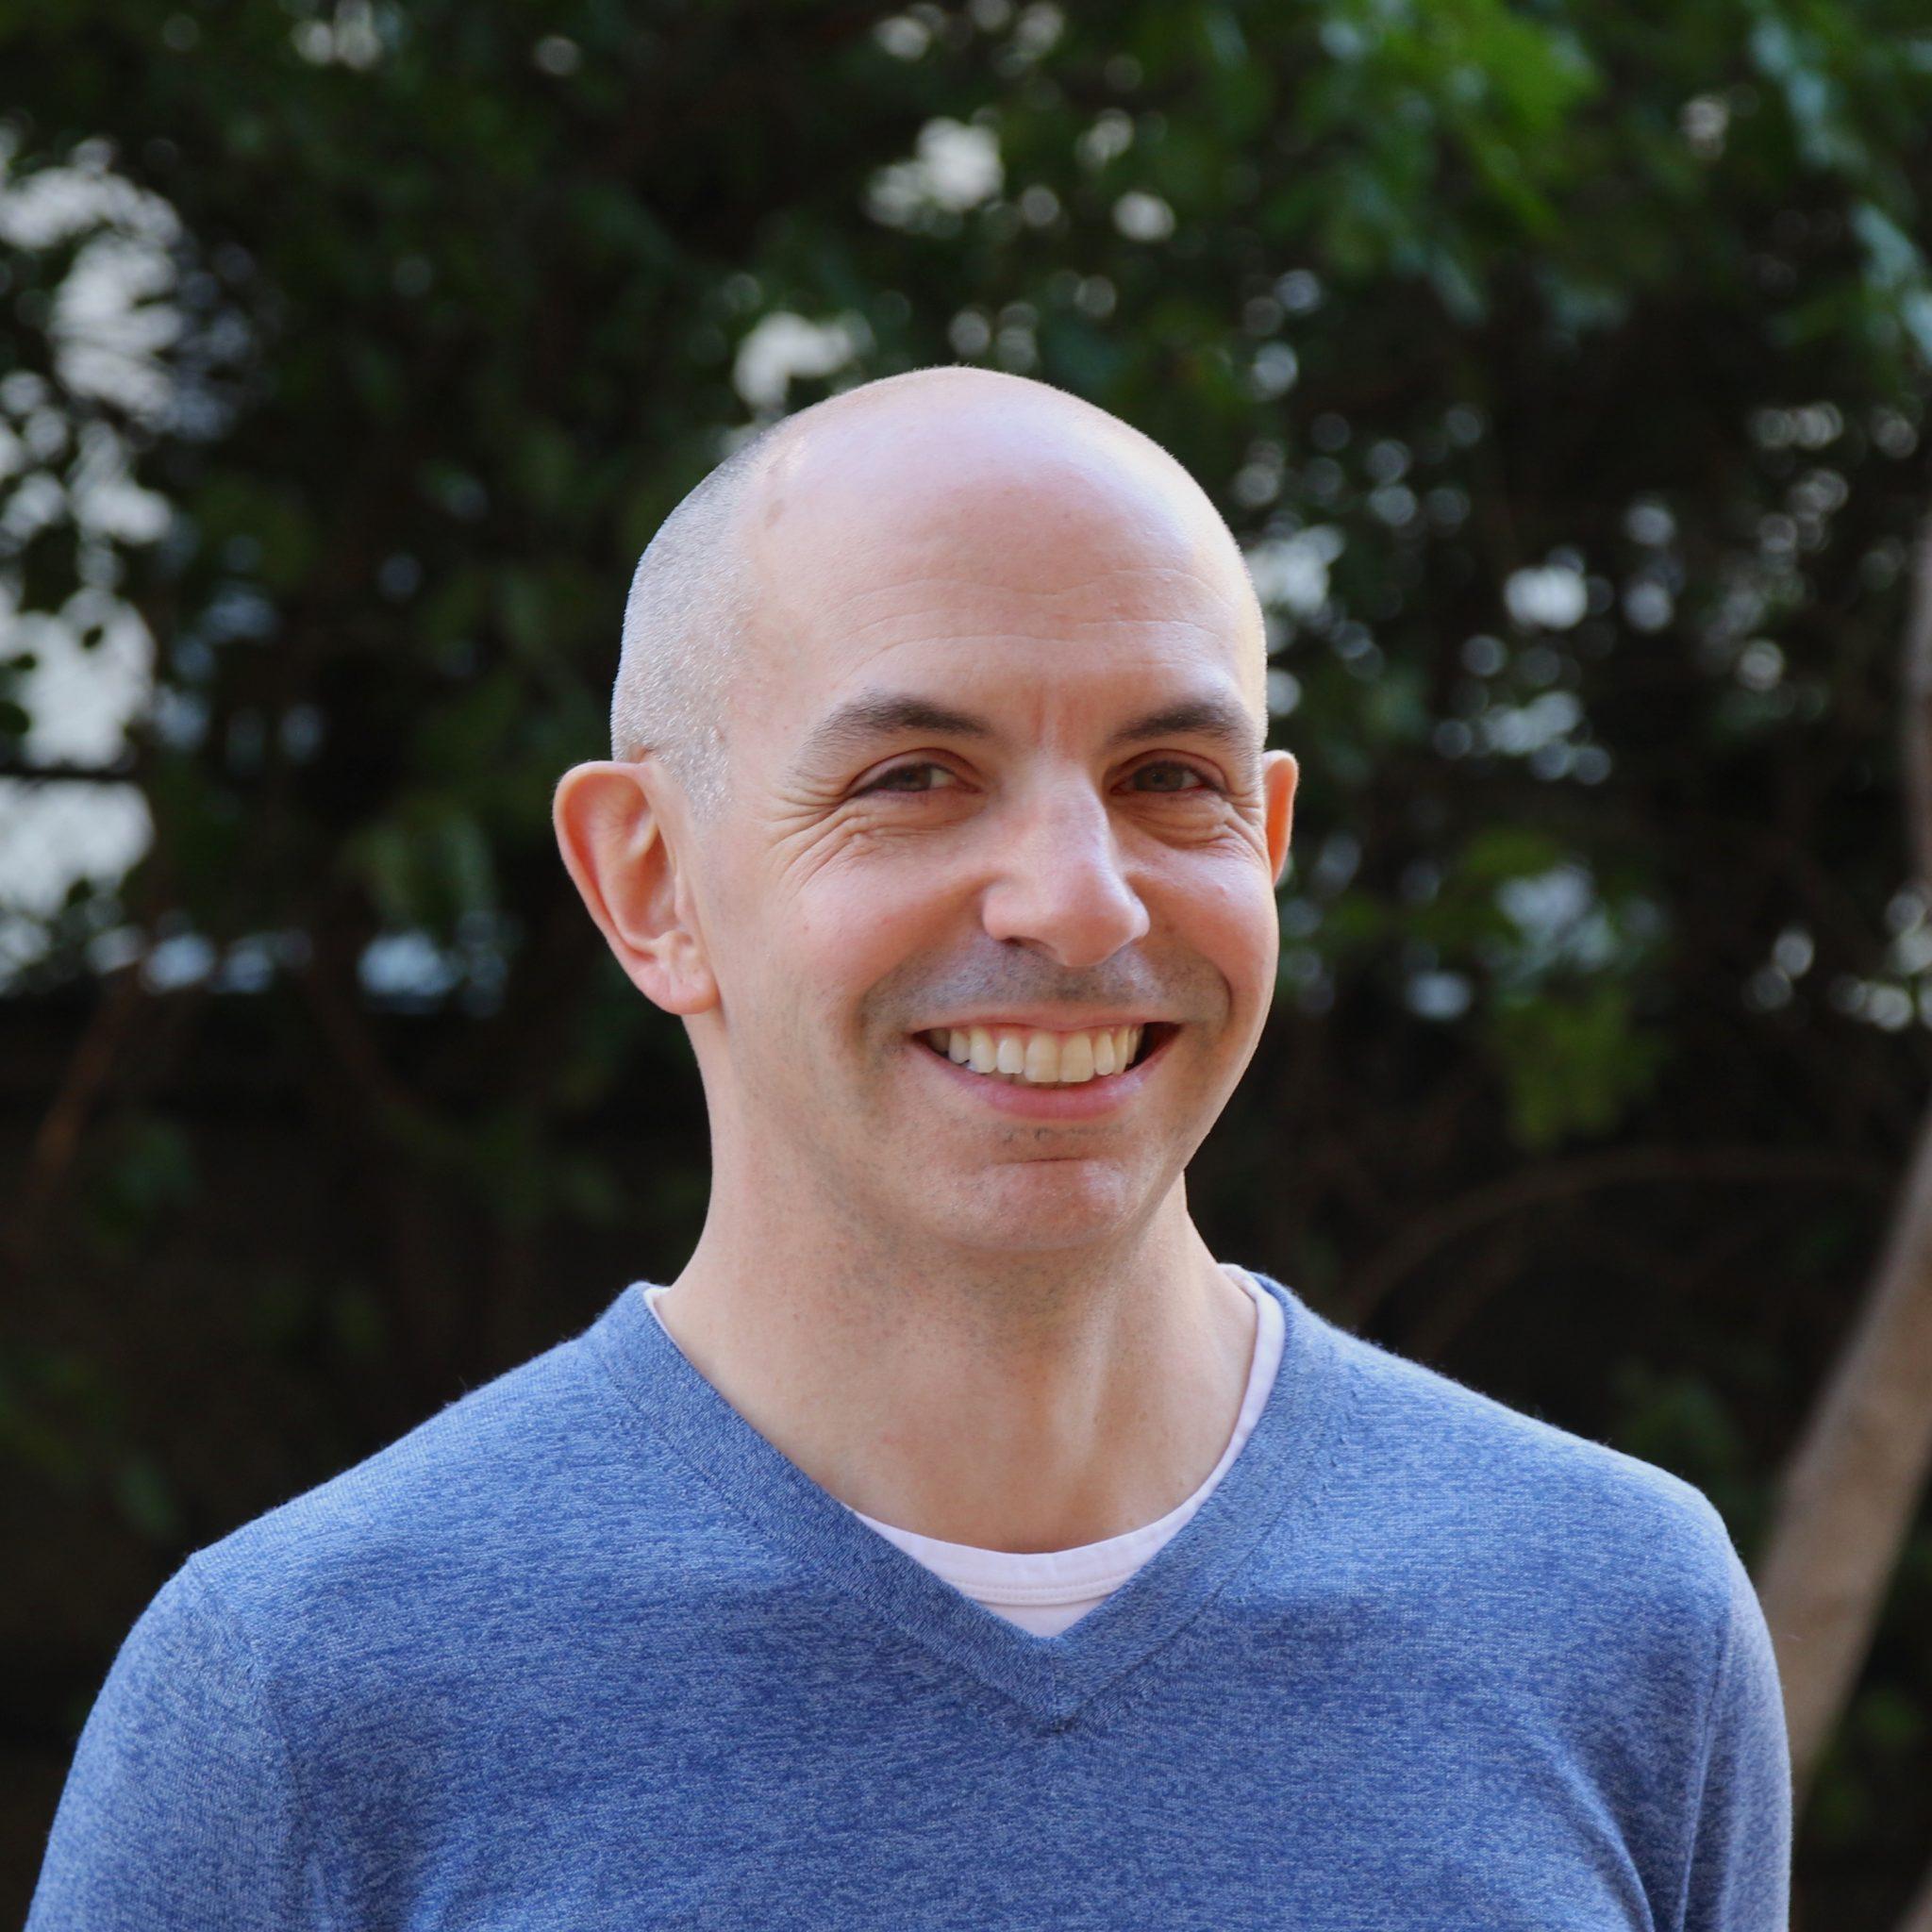 Photograph of Chris Cirillo.